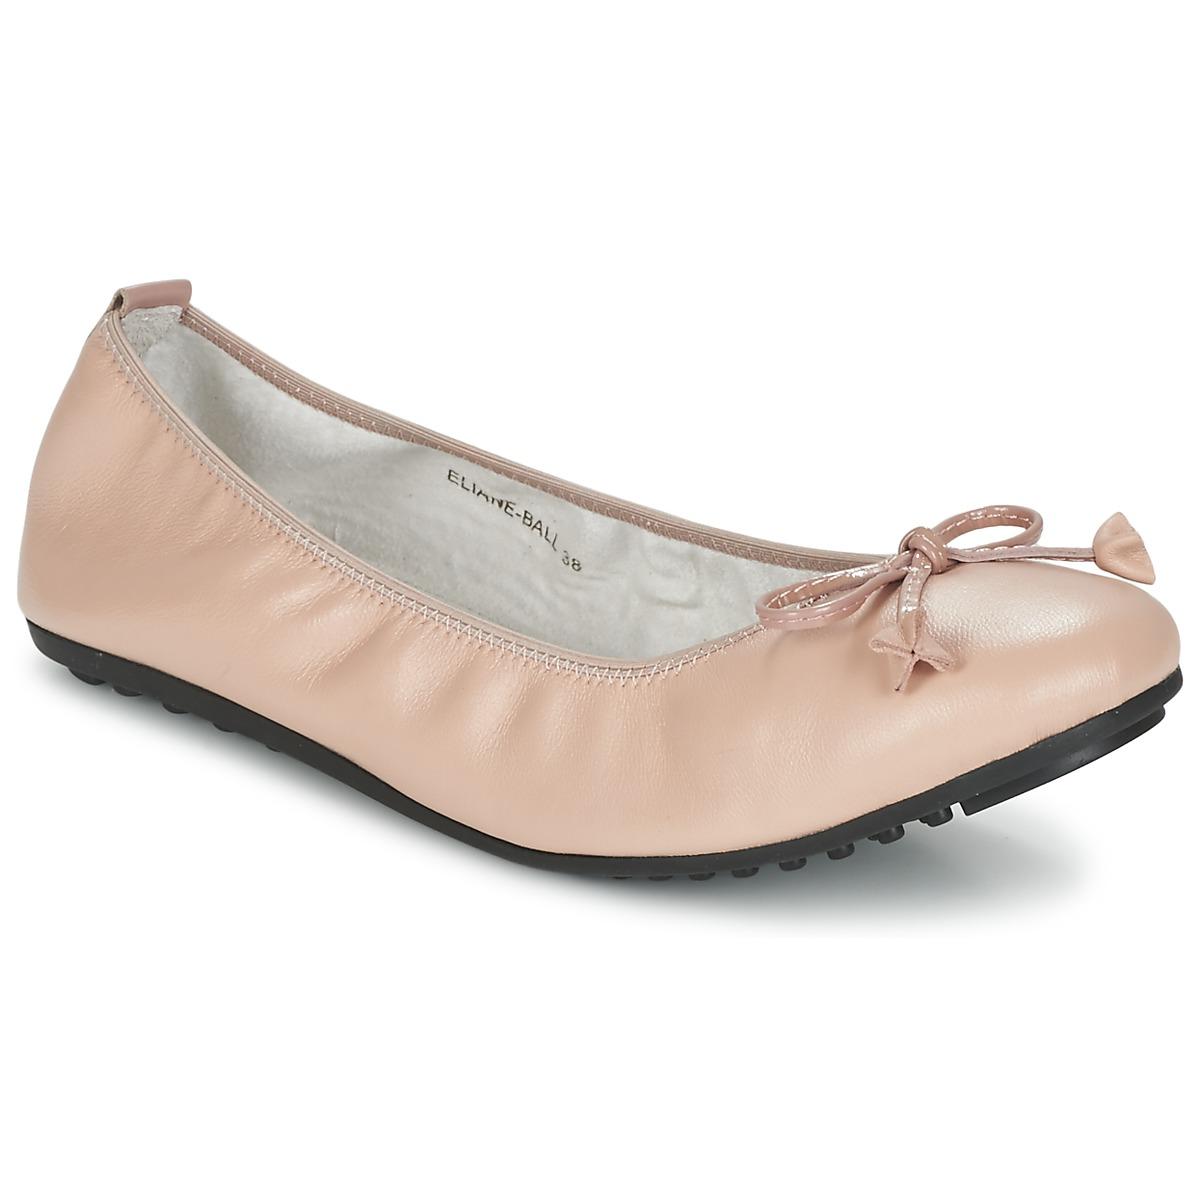 Ballerinaer Mac Douglas  ELIANE